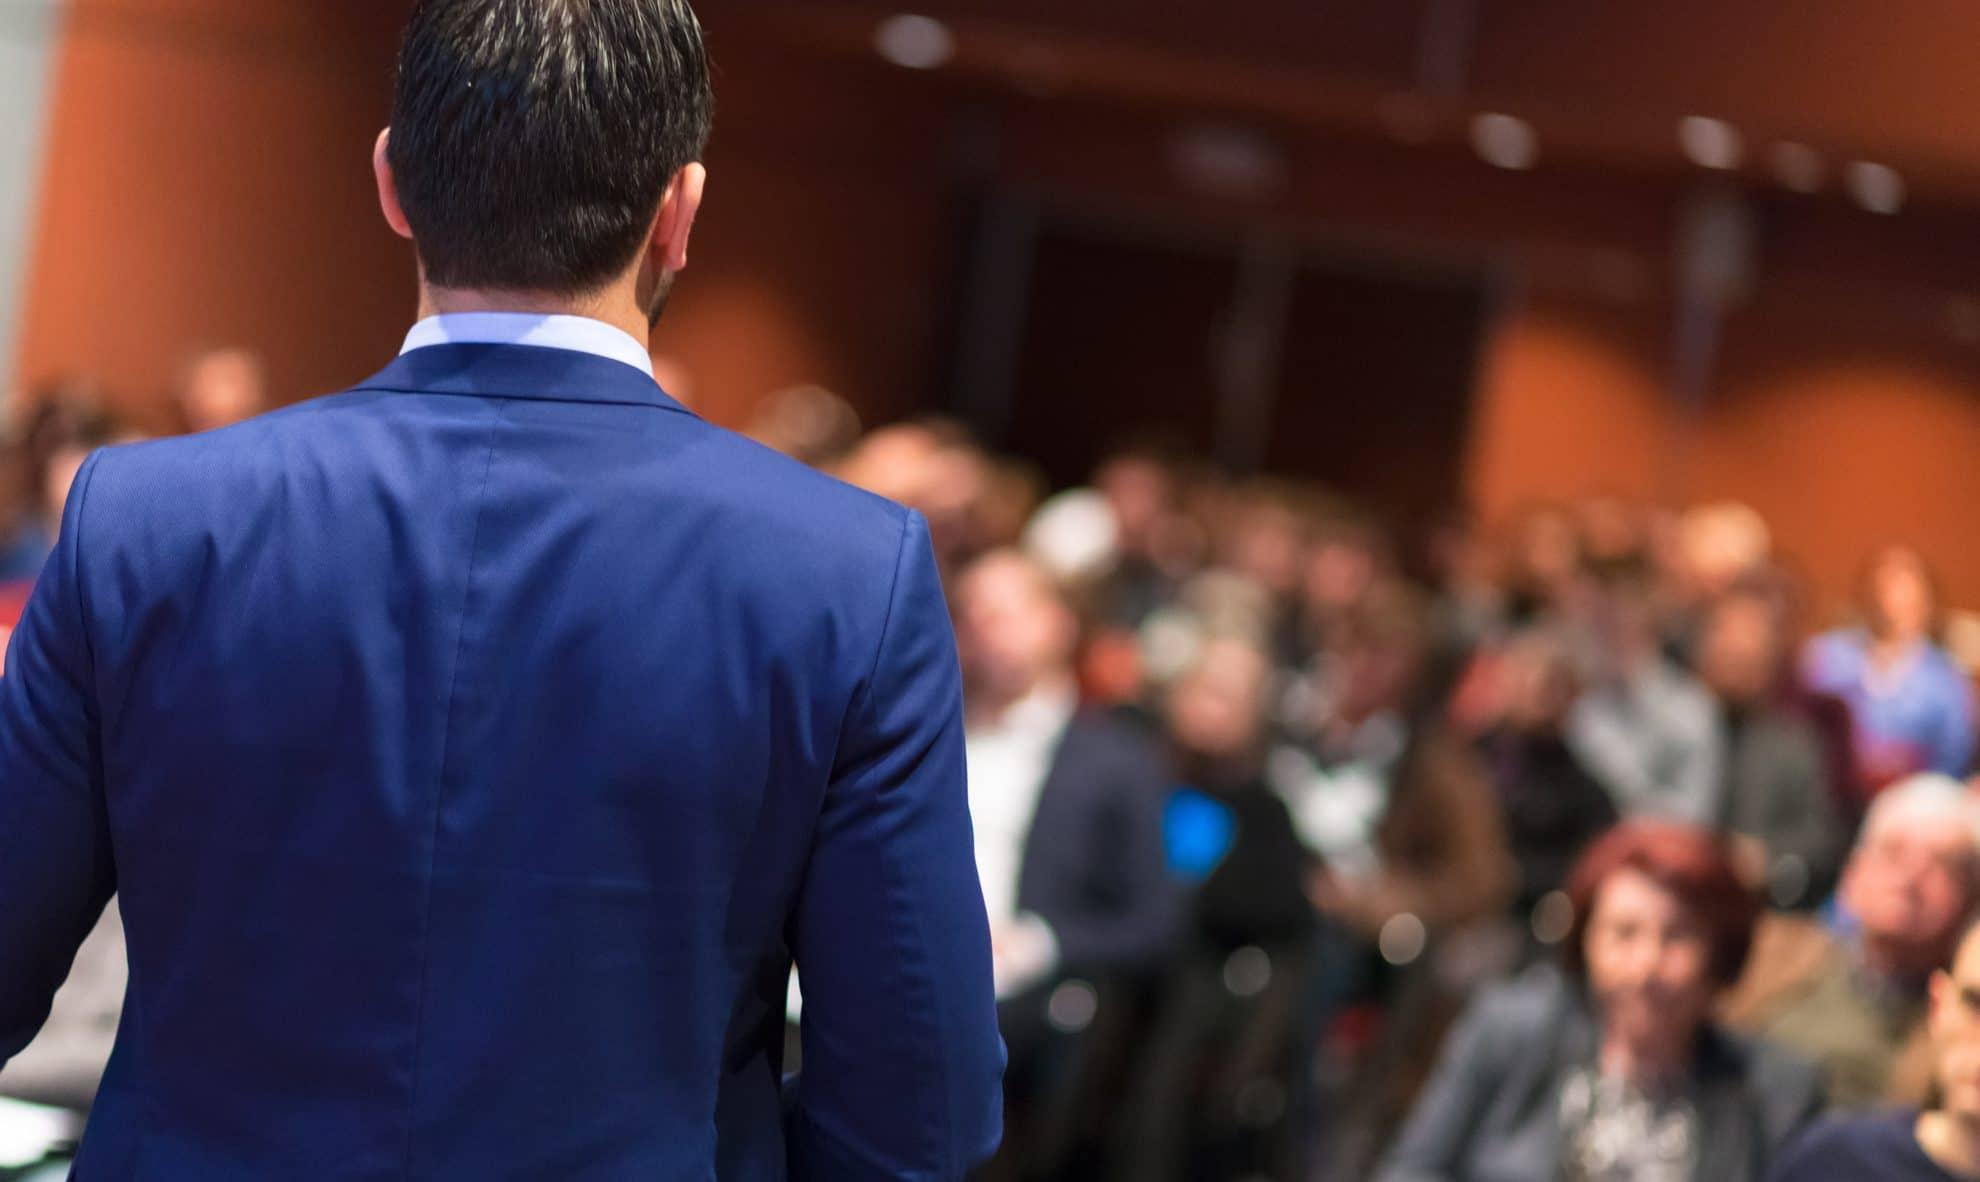 Foredragsholdere der kan tale engelsk